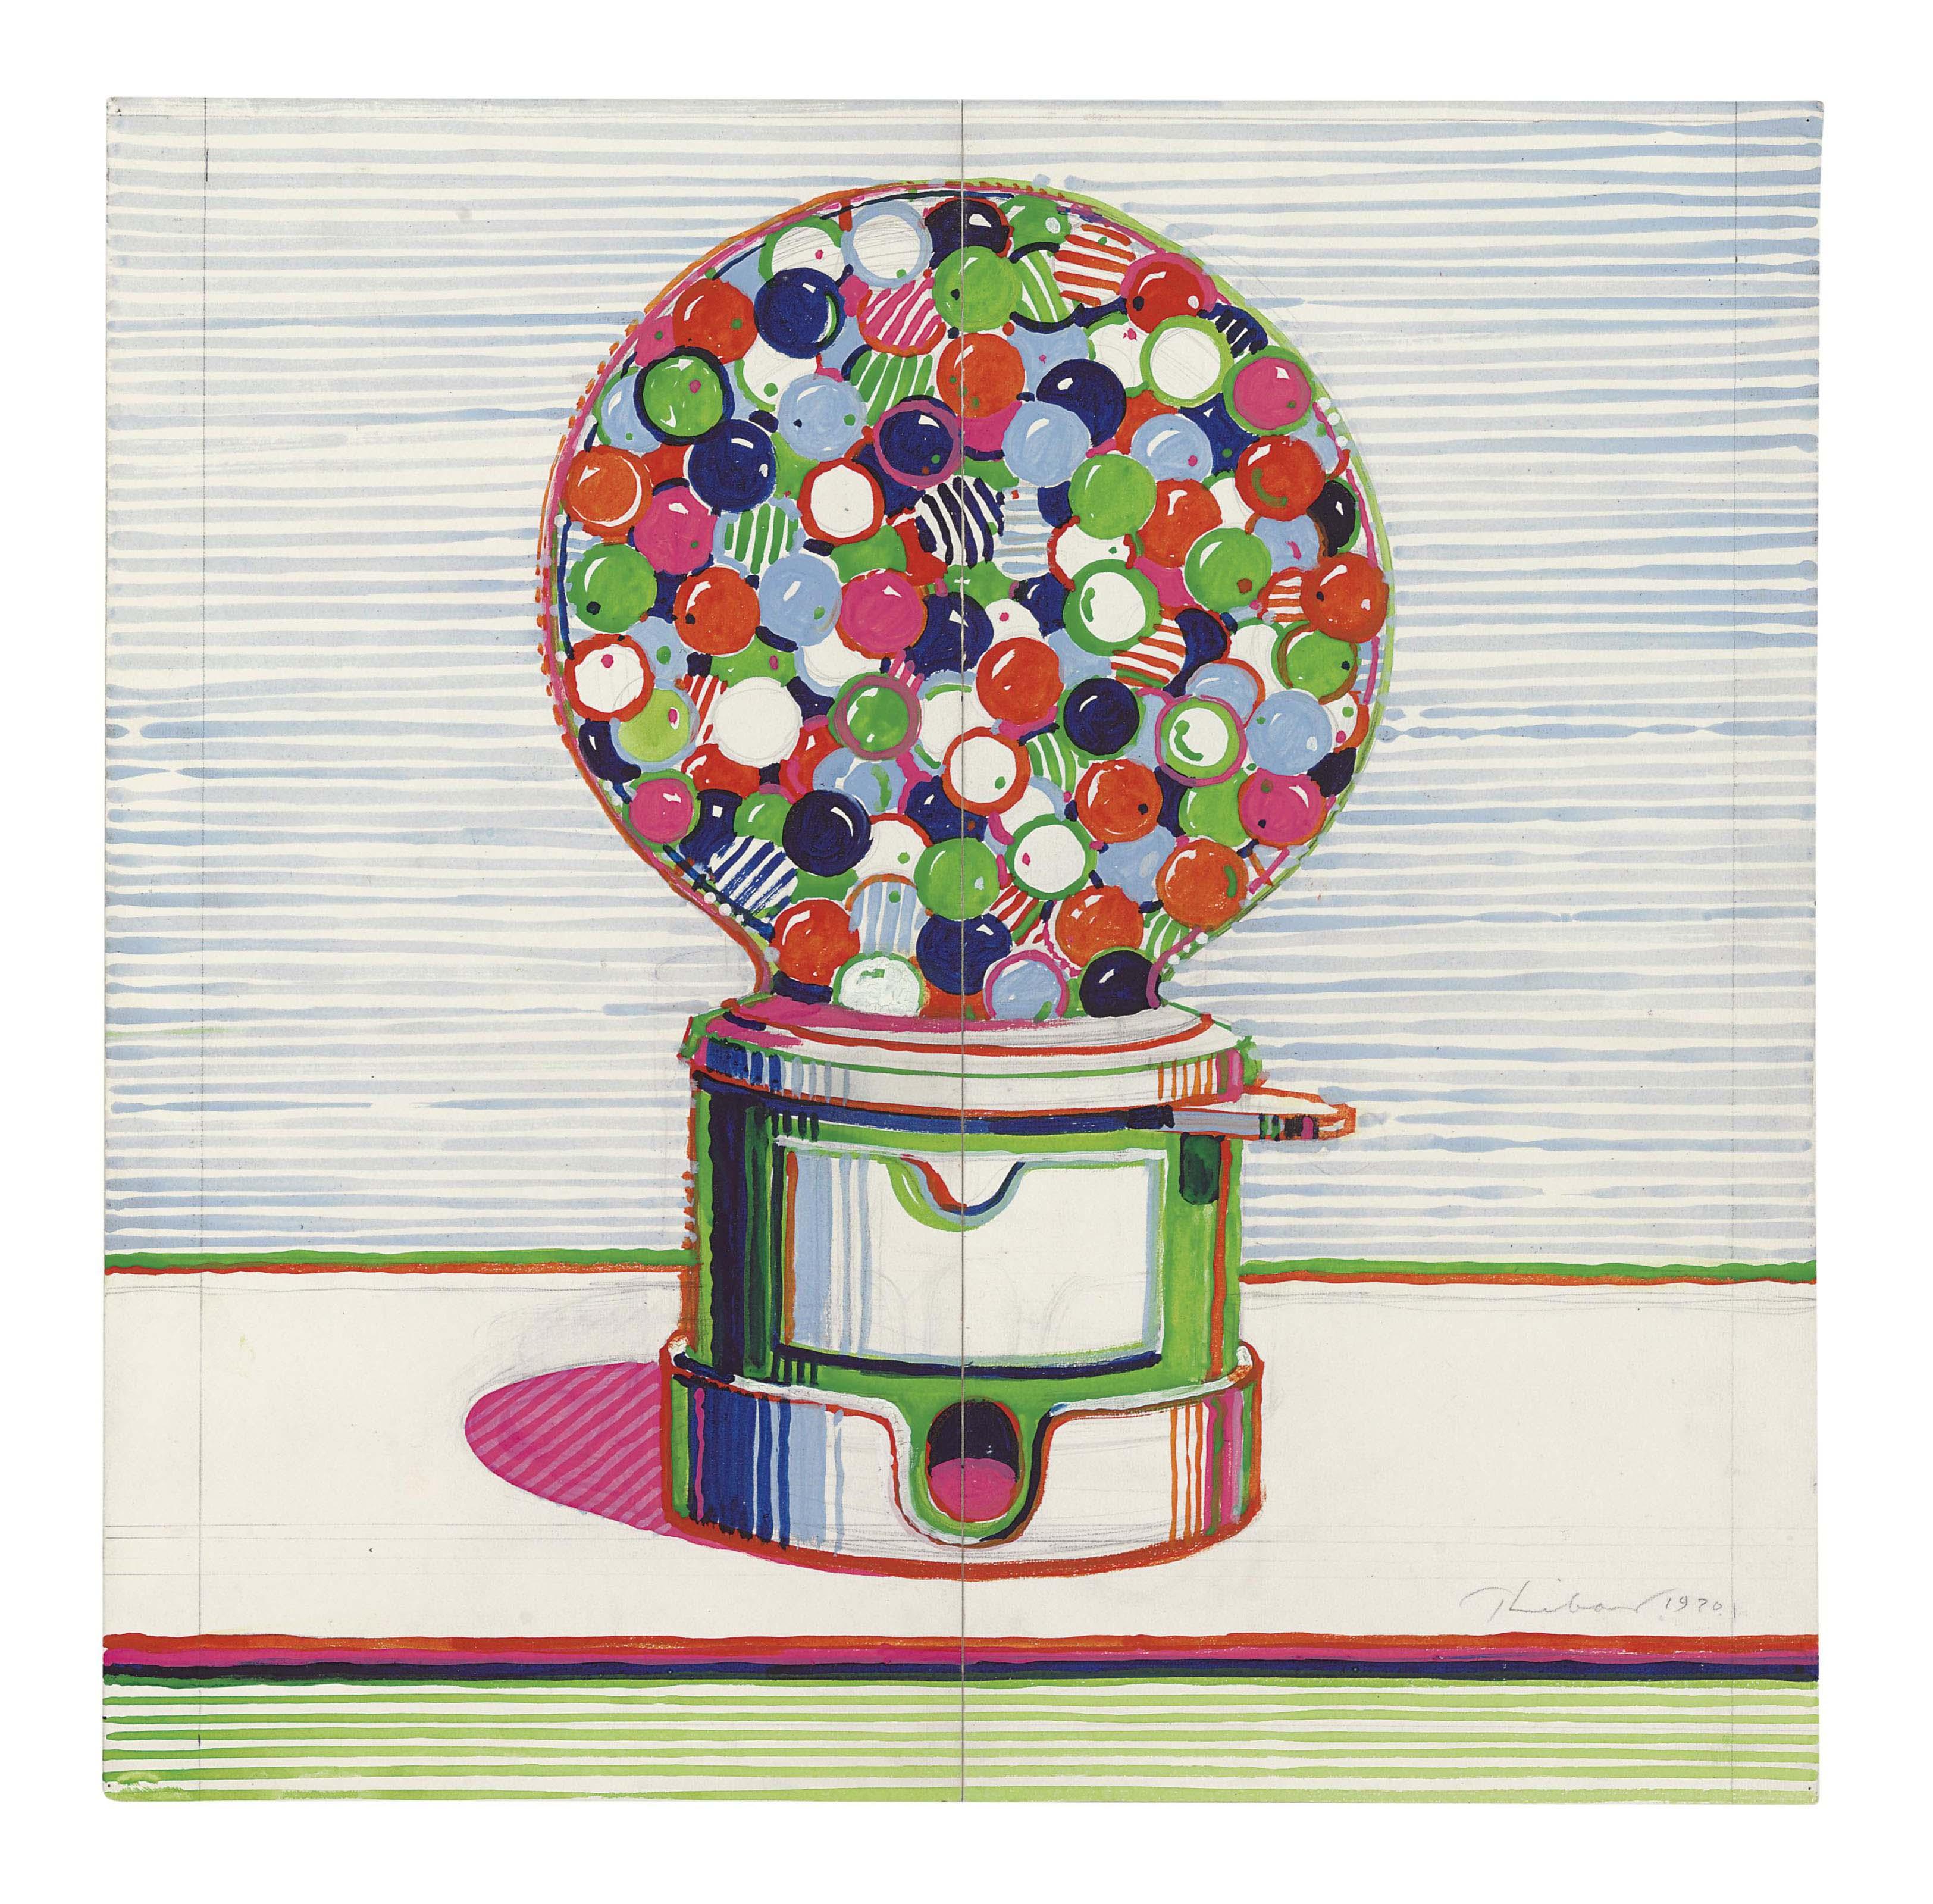 Pop Art Gumball Machine Painting